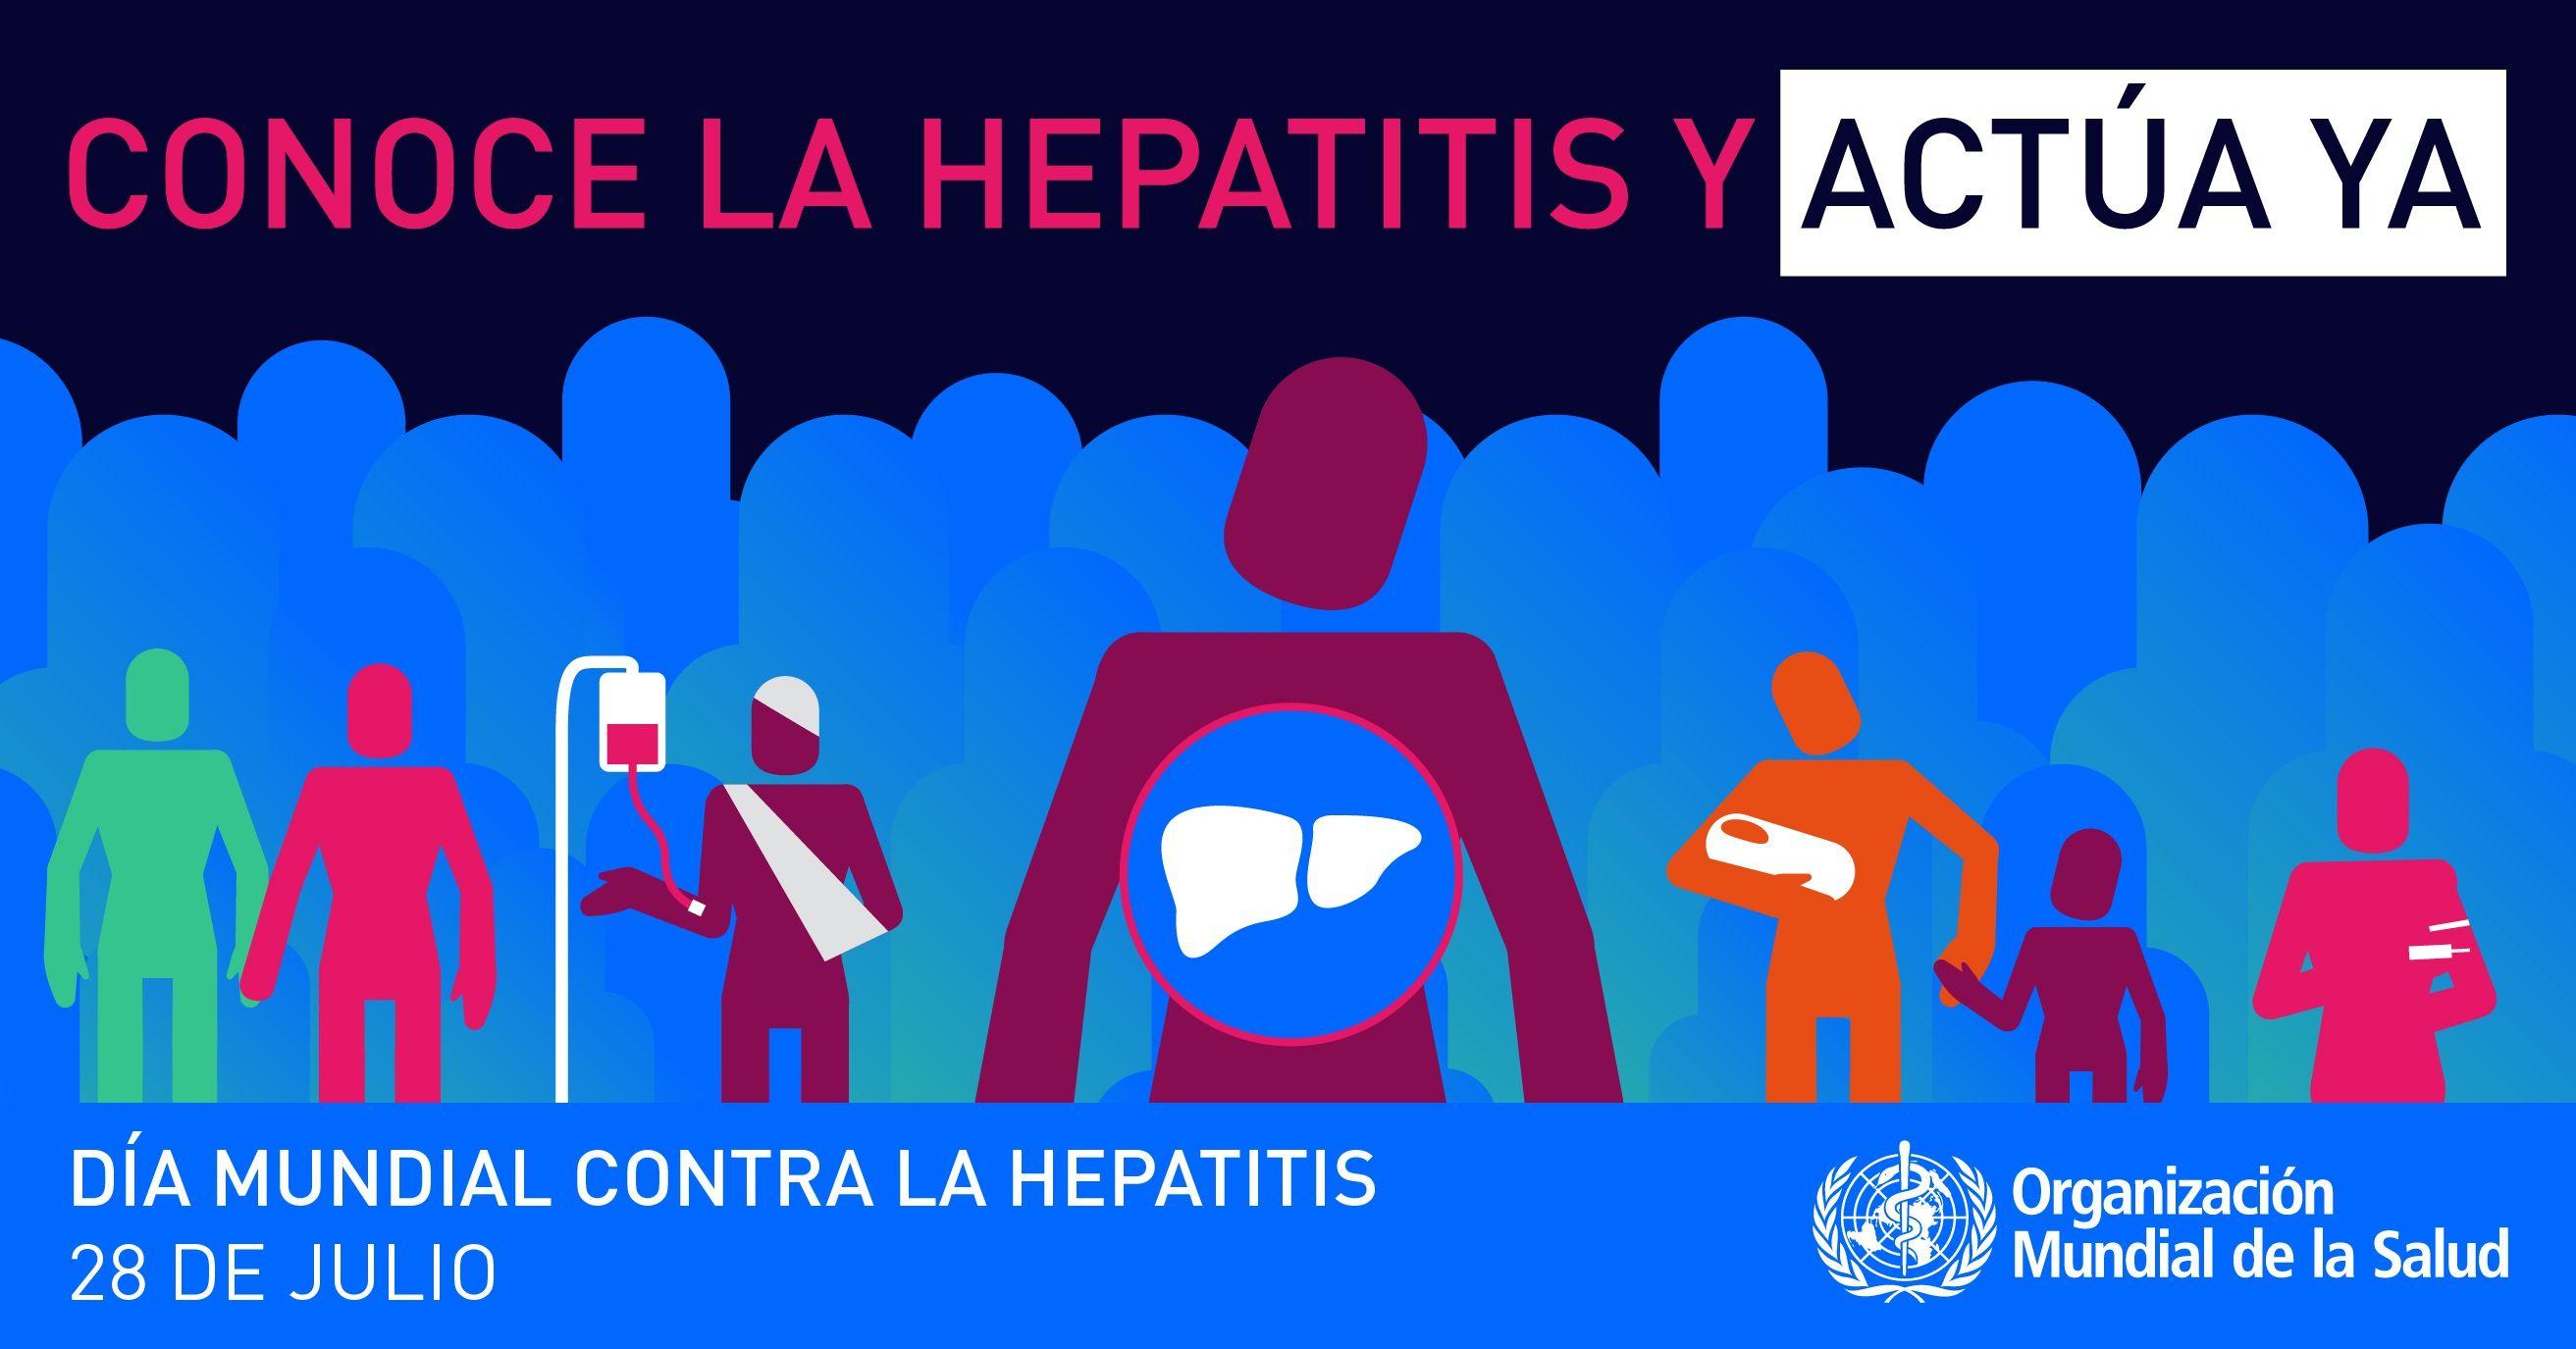 Este domingo, 28 de julio, Día Mundial de la Hepatitis